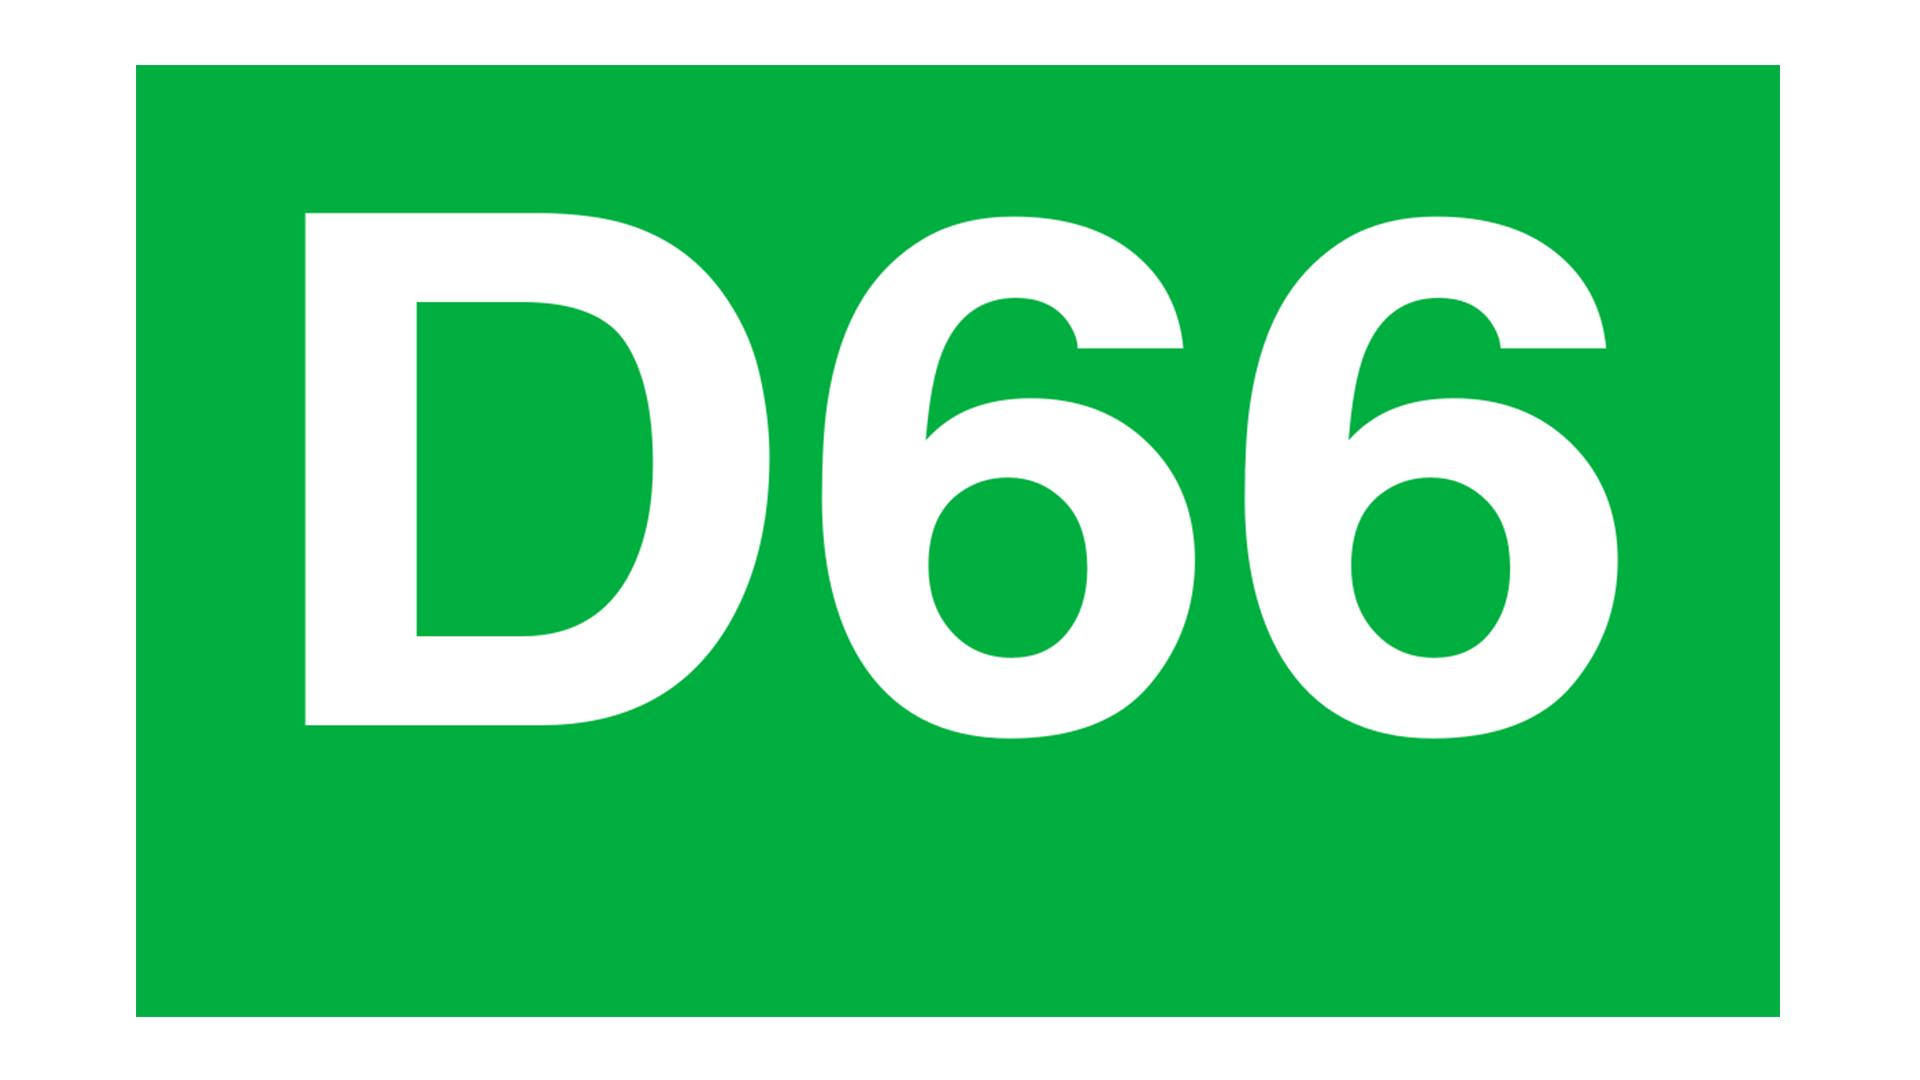 D66.png